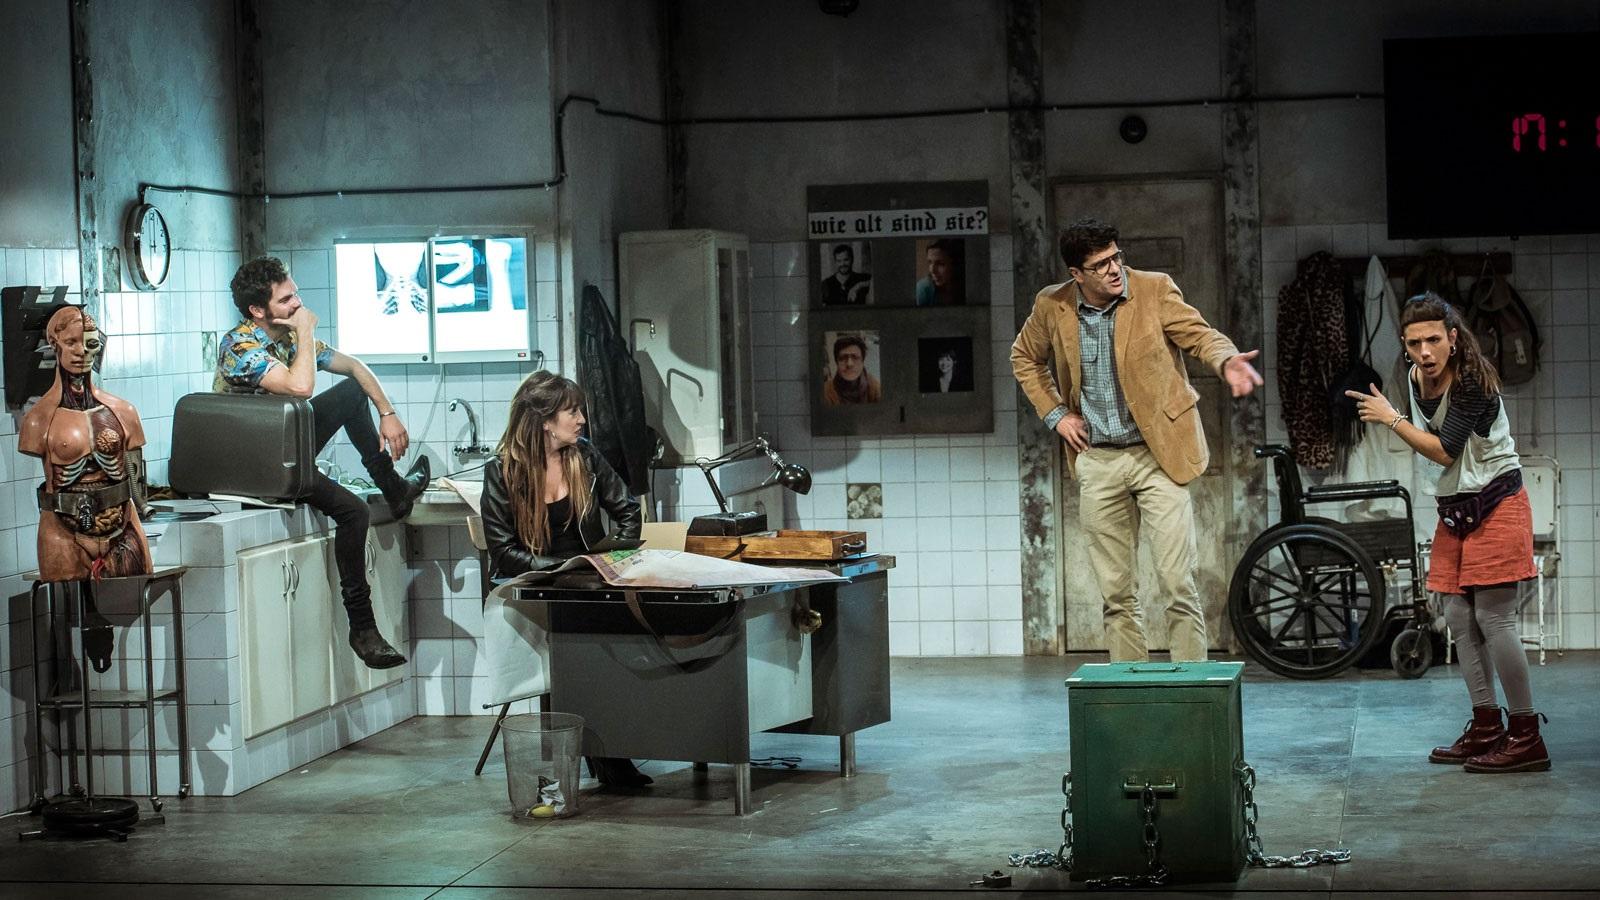 escape-room-teatre-goya-barcelona-4